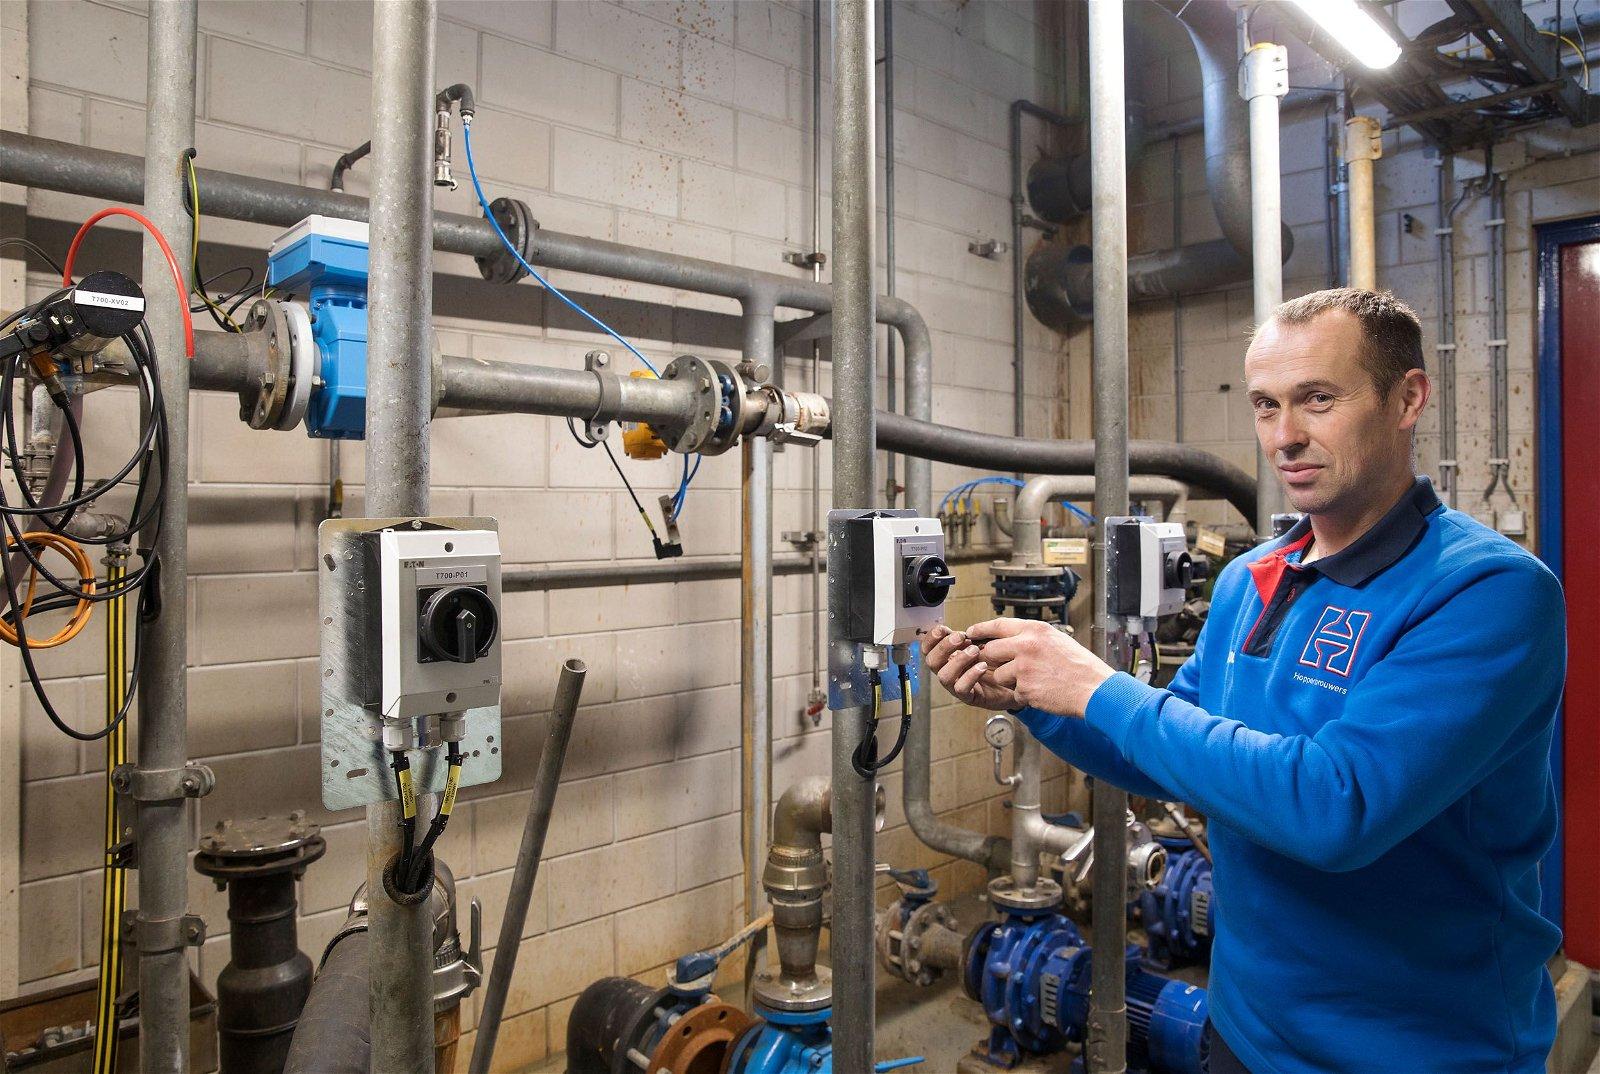 Eén van de belangrijkste eisen voor een afvalwaterzuiveringsinstallatie is betrouwbaarheid.